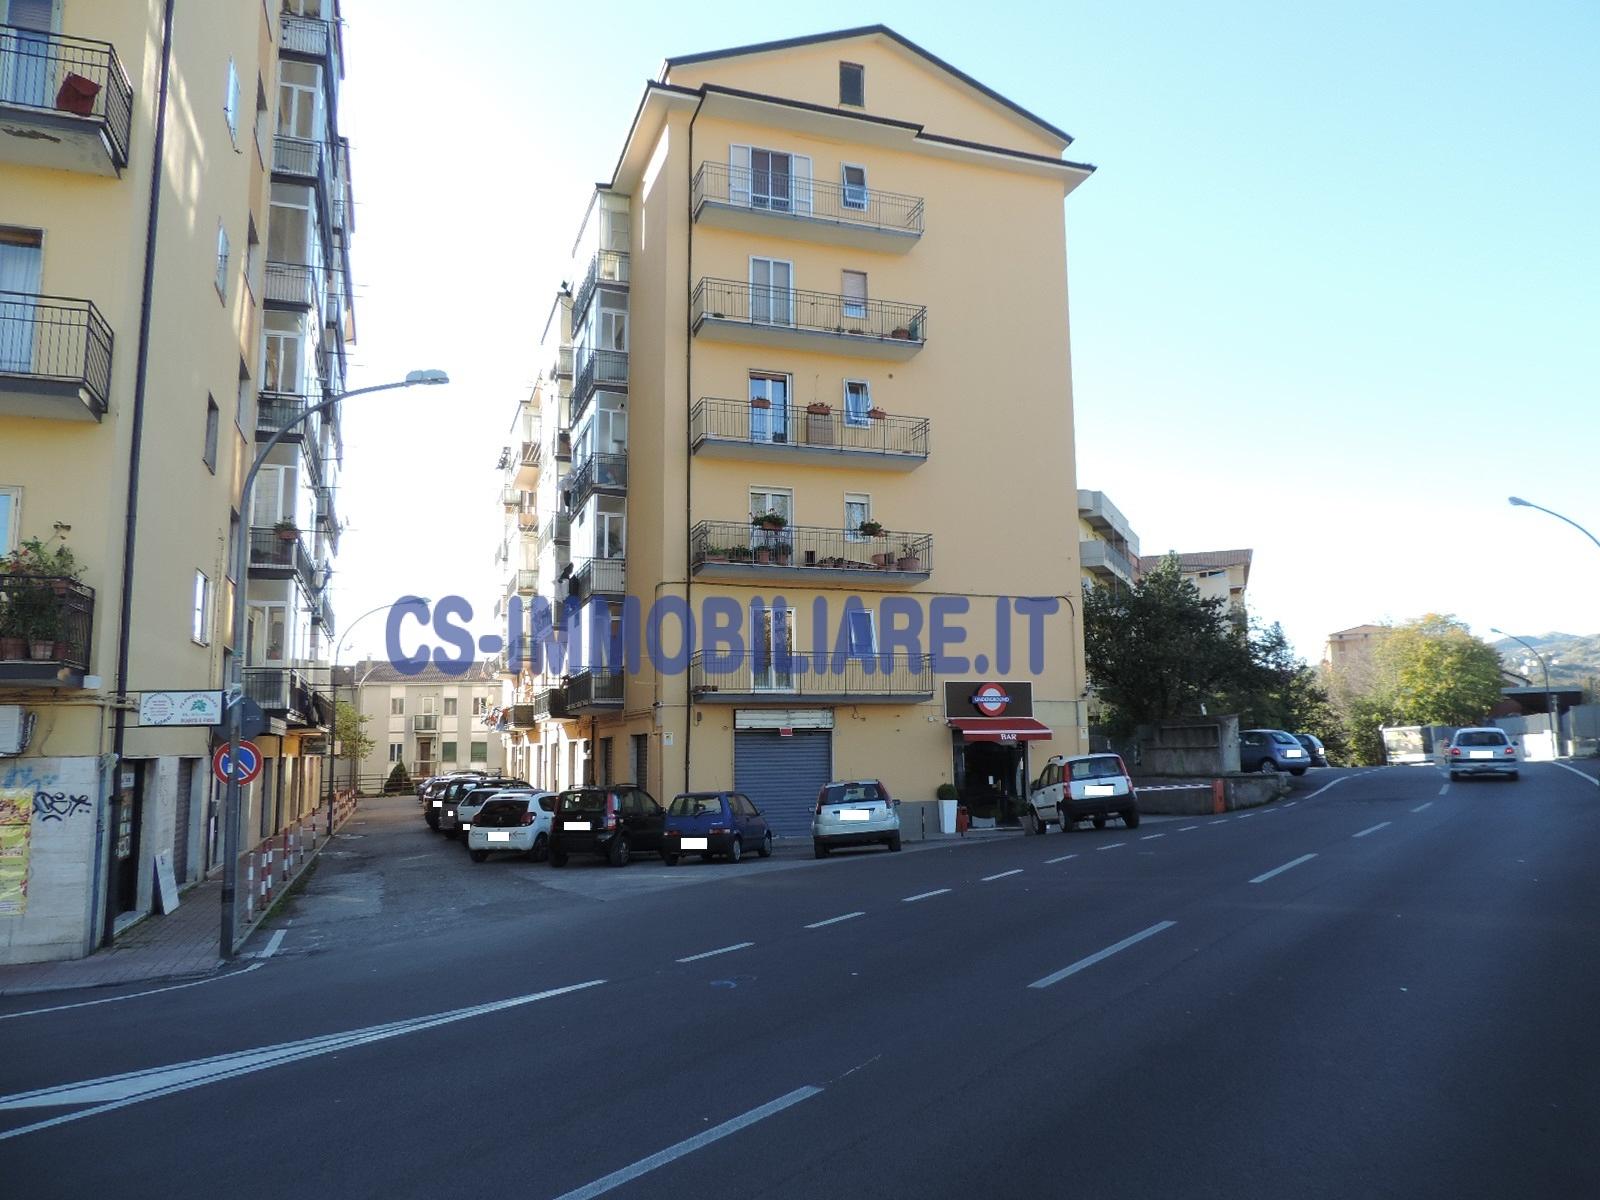 Appartamento in affitto a Potenza, 4 locali, zona Zona: Semicentro, prezzo € 450 | Cambio Casa.it